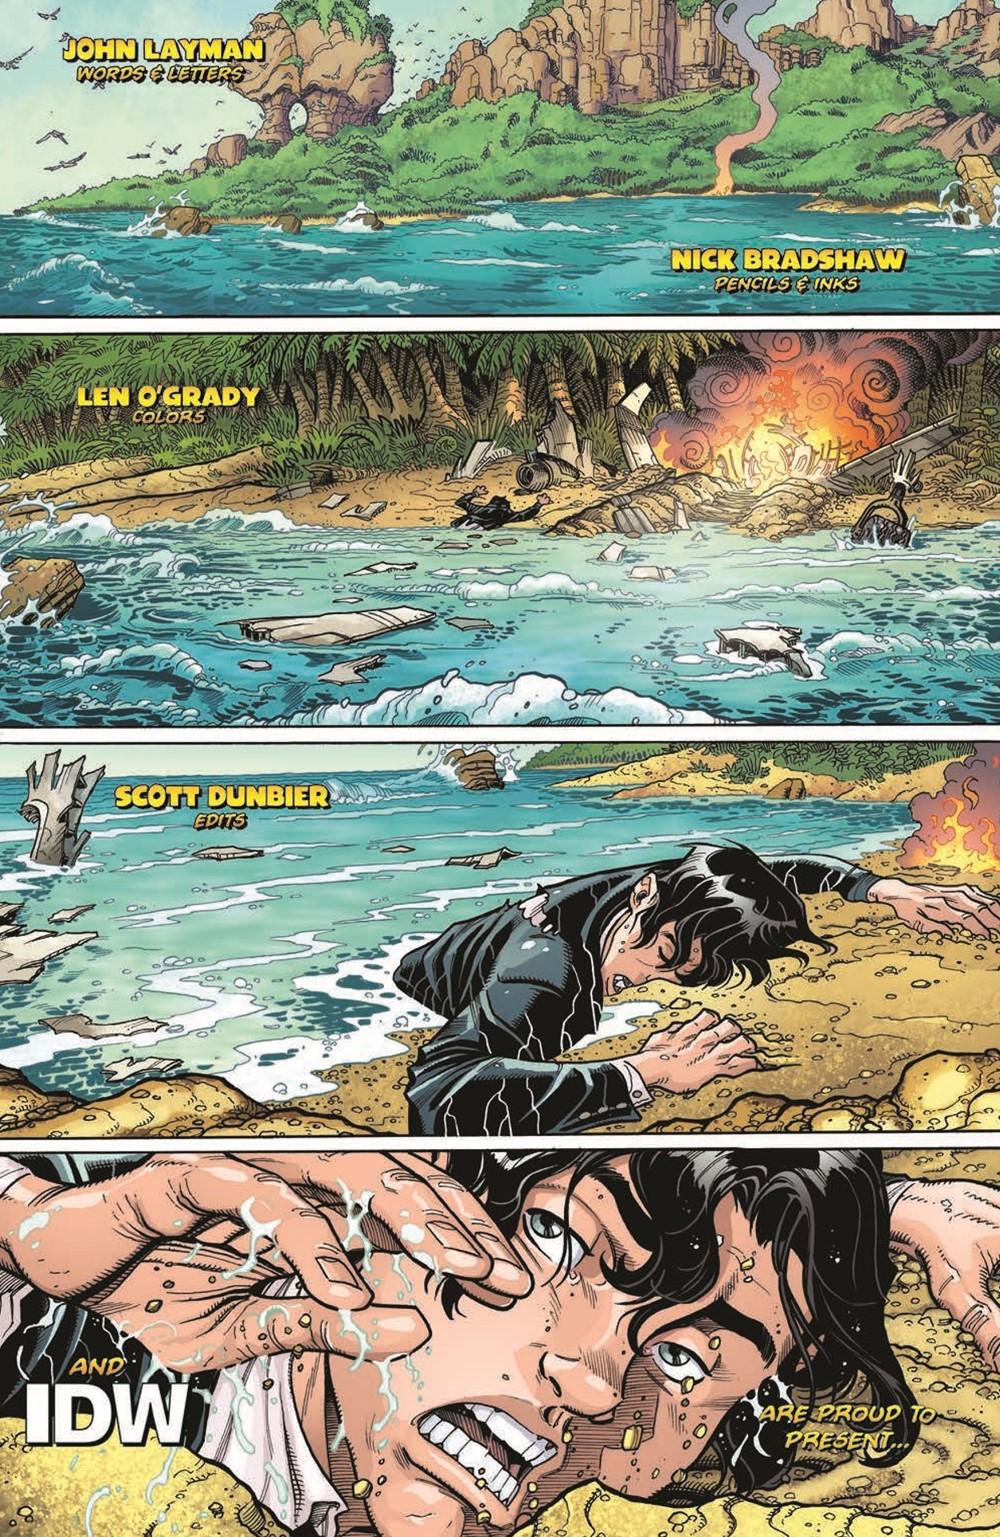 BERMUDA_01-pr-6 ComicList Previews: BERMUDA #1 (OF 4)